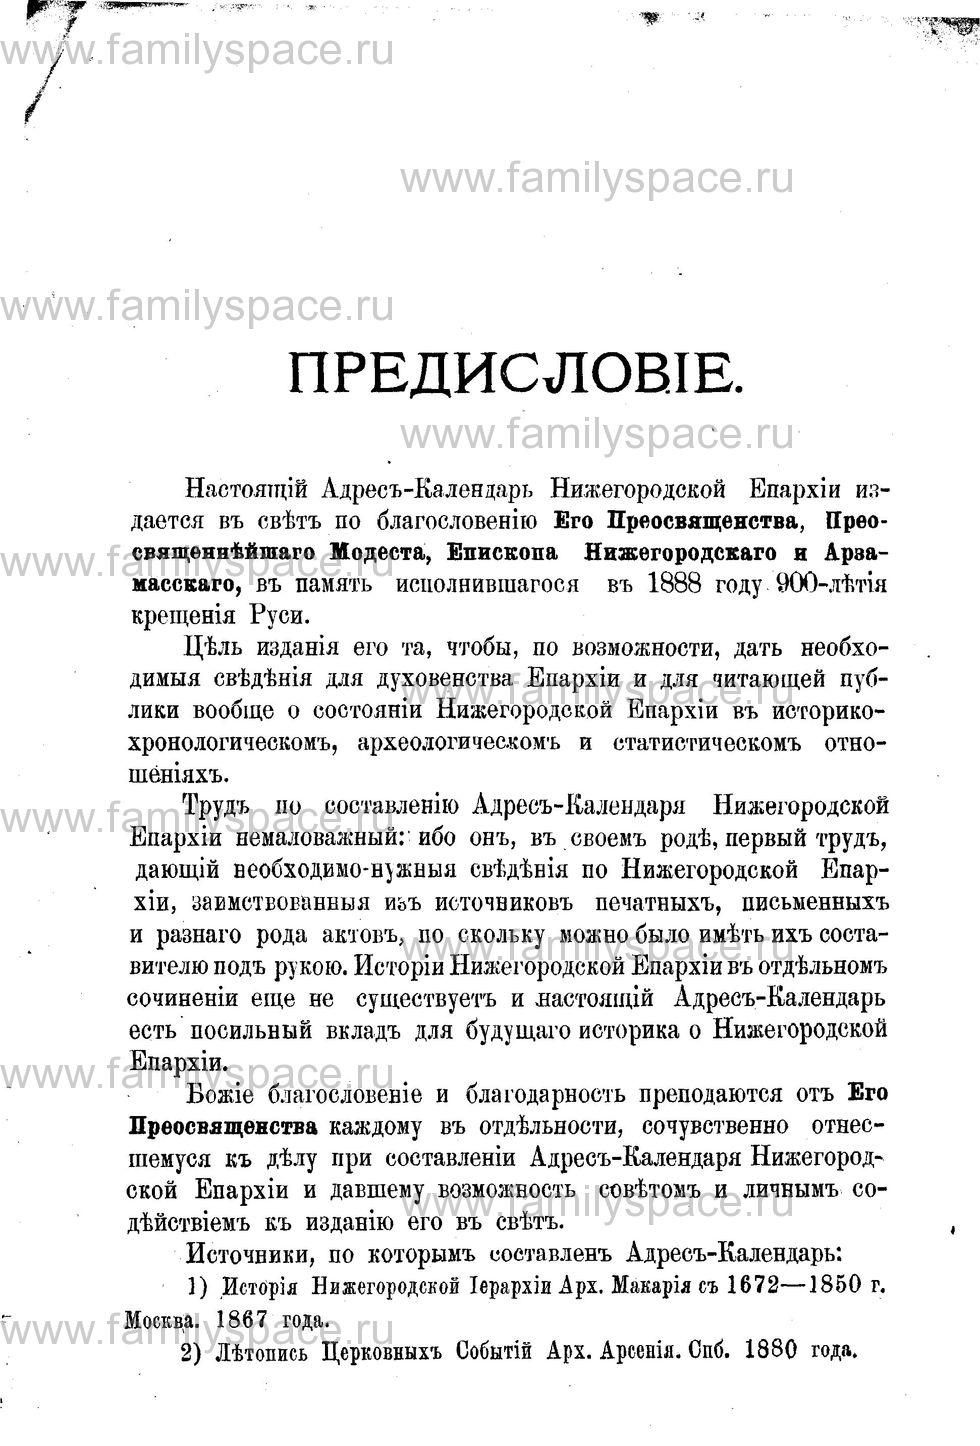 Поиск по фамилии - Адрес-календарь Нижегородской епархии на 1888 год, страница 5